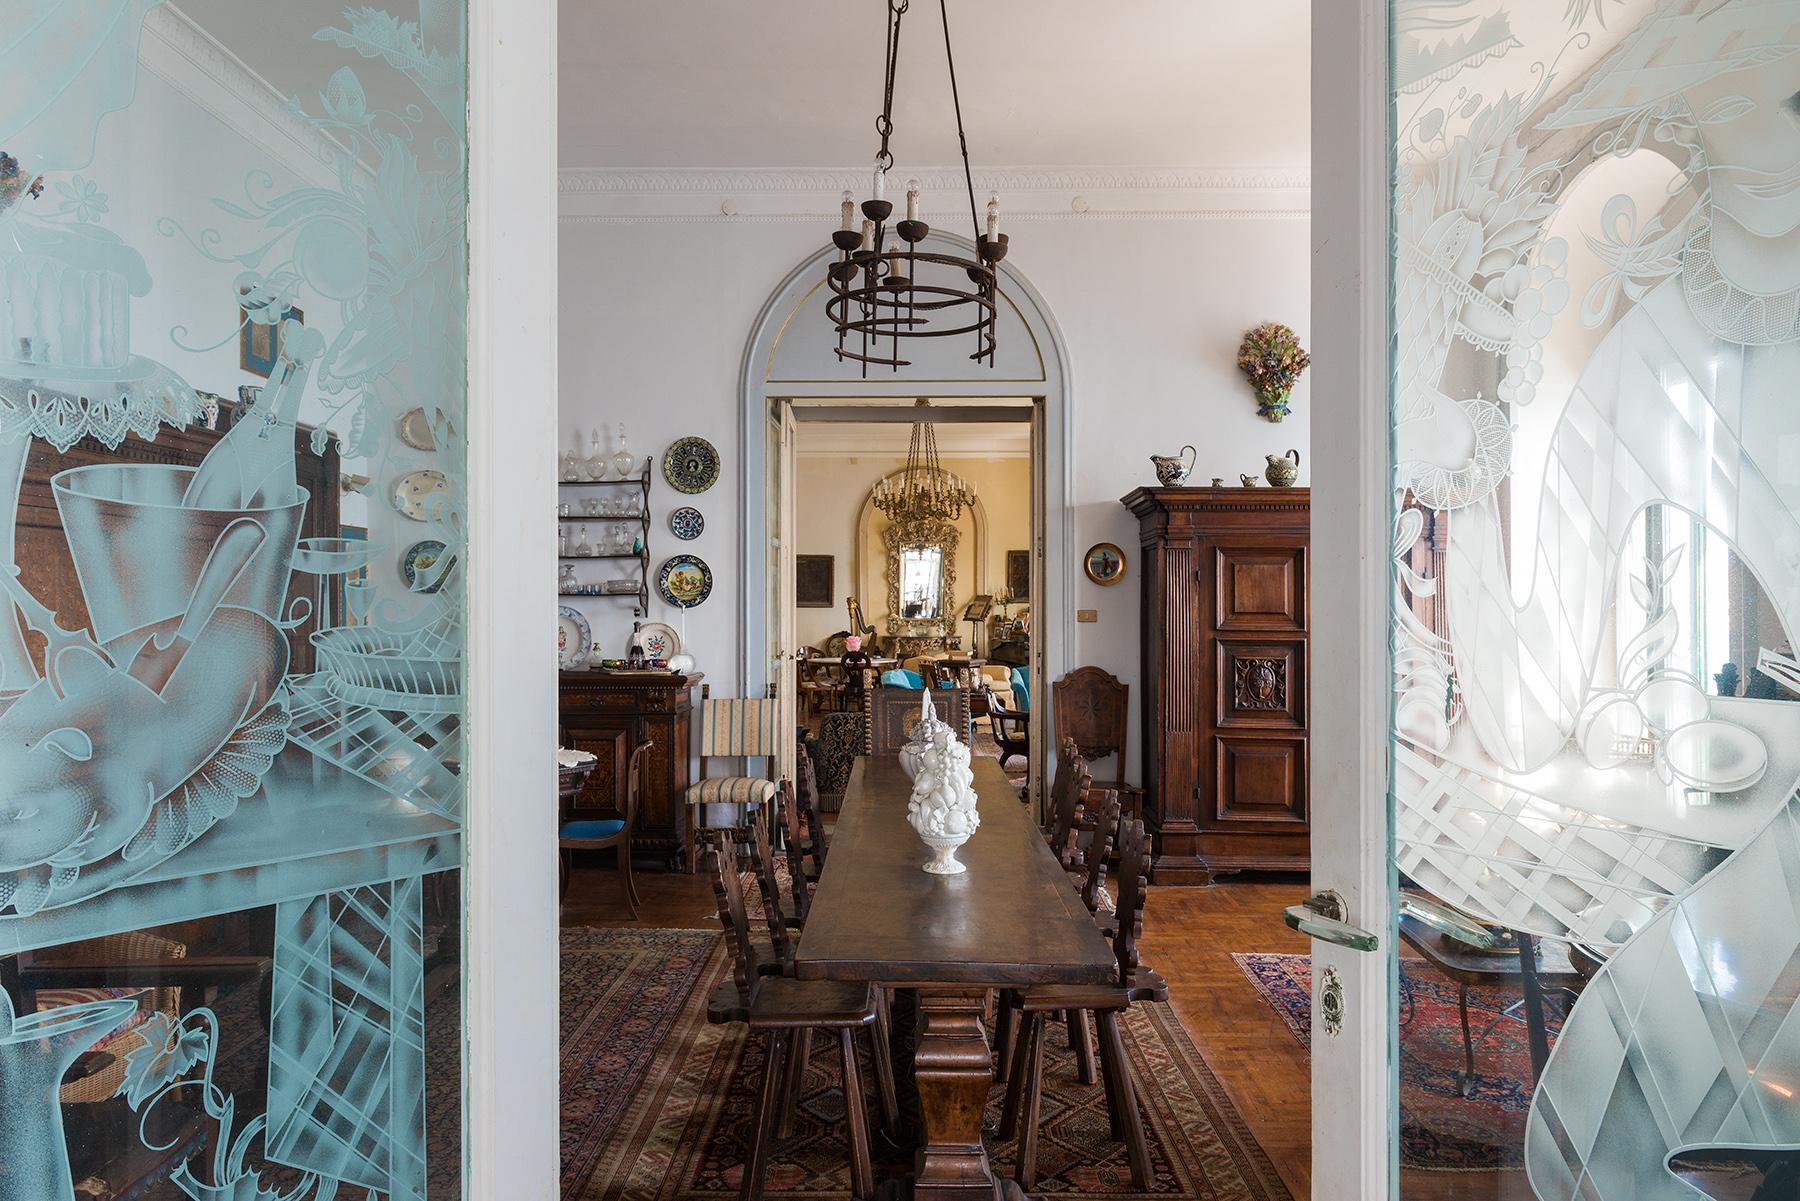 Первая линия моря! Потрясающие апартаменты в старинной вилле в Неаполе, Италия - 35